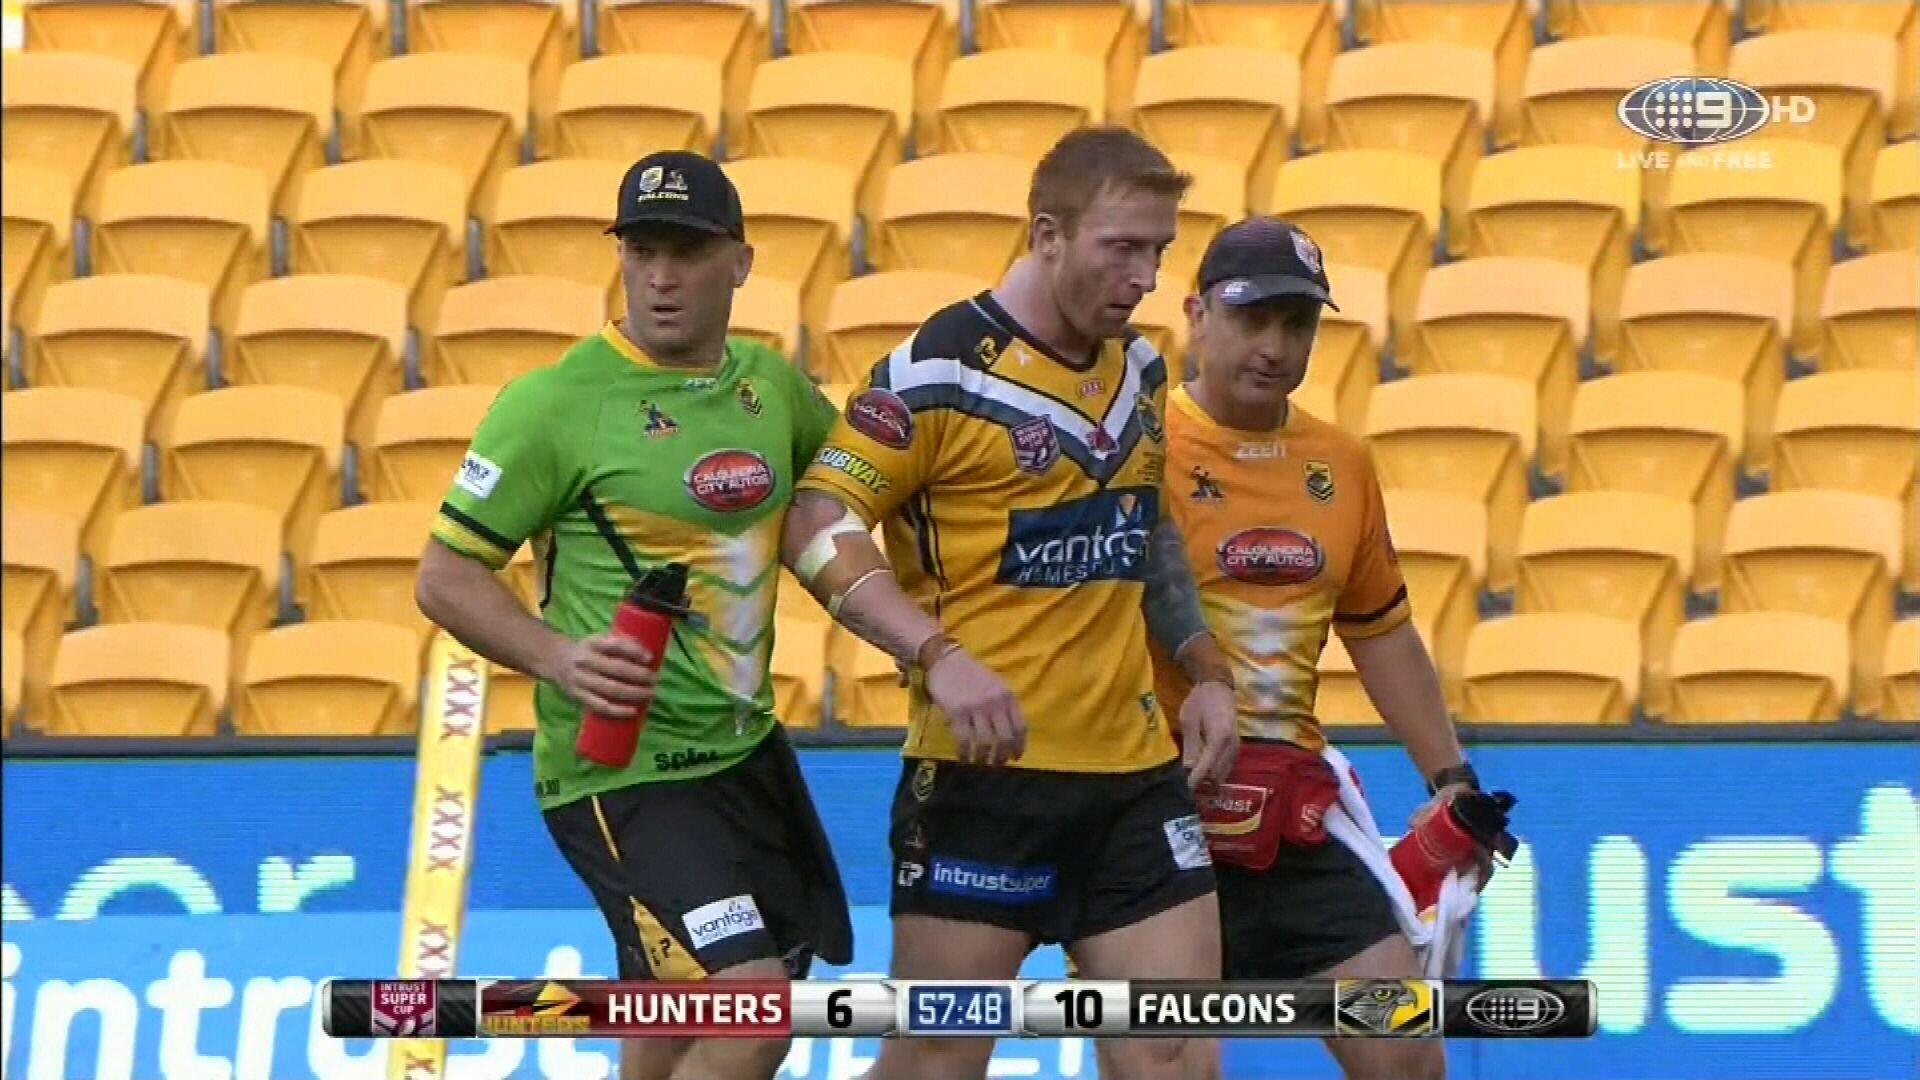 Sunshine Coast under scrutiny over concussion